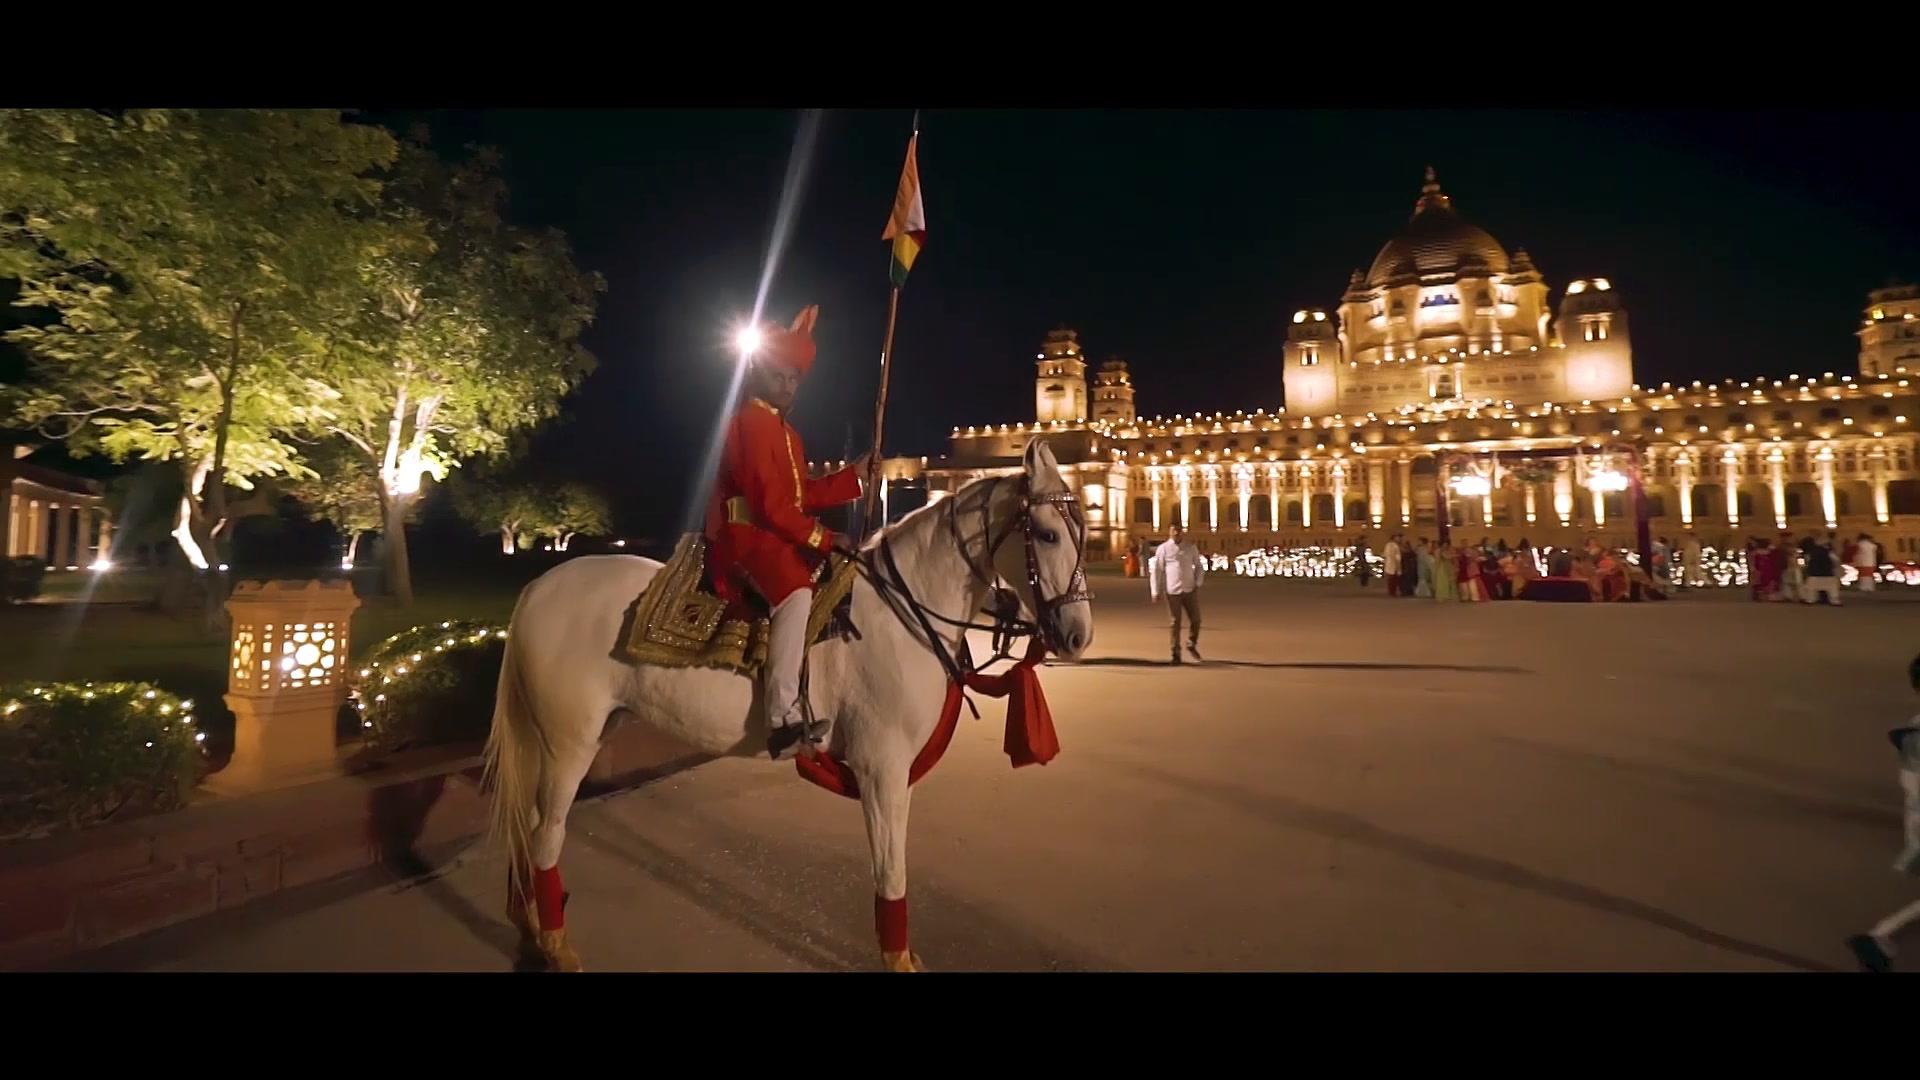 Mansi + Ankur | Jodhpur, India | Umaid Bhawan